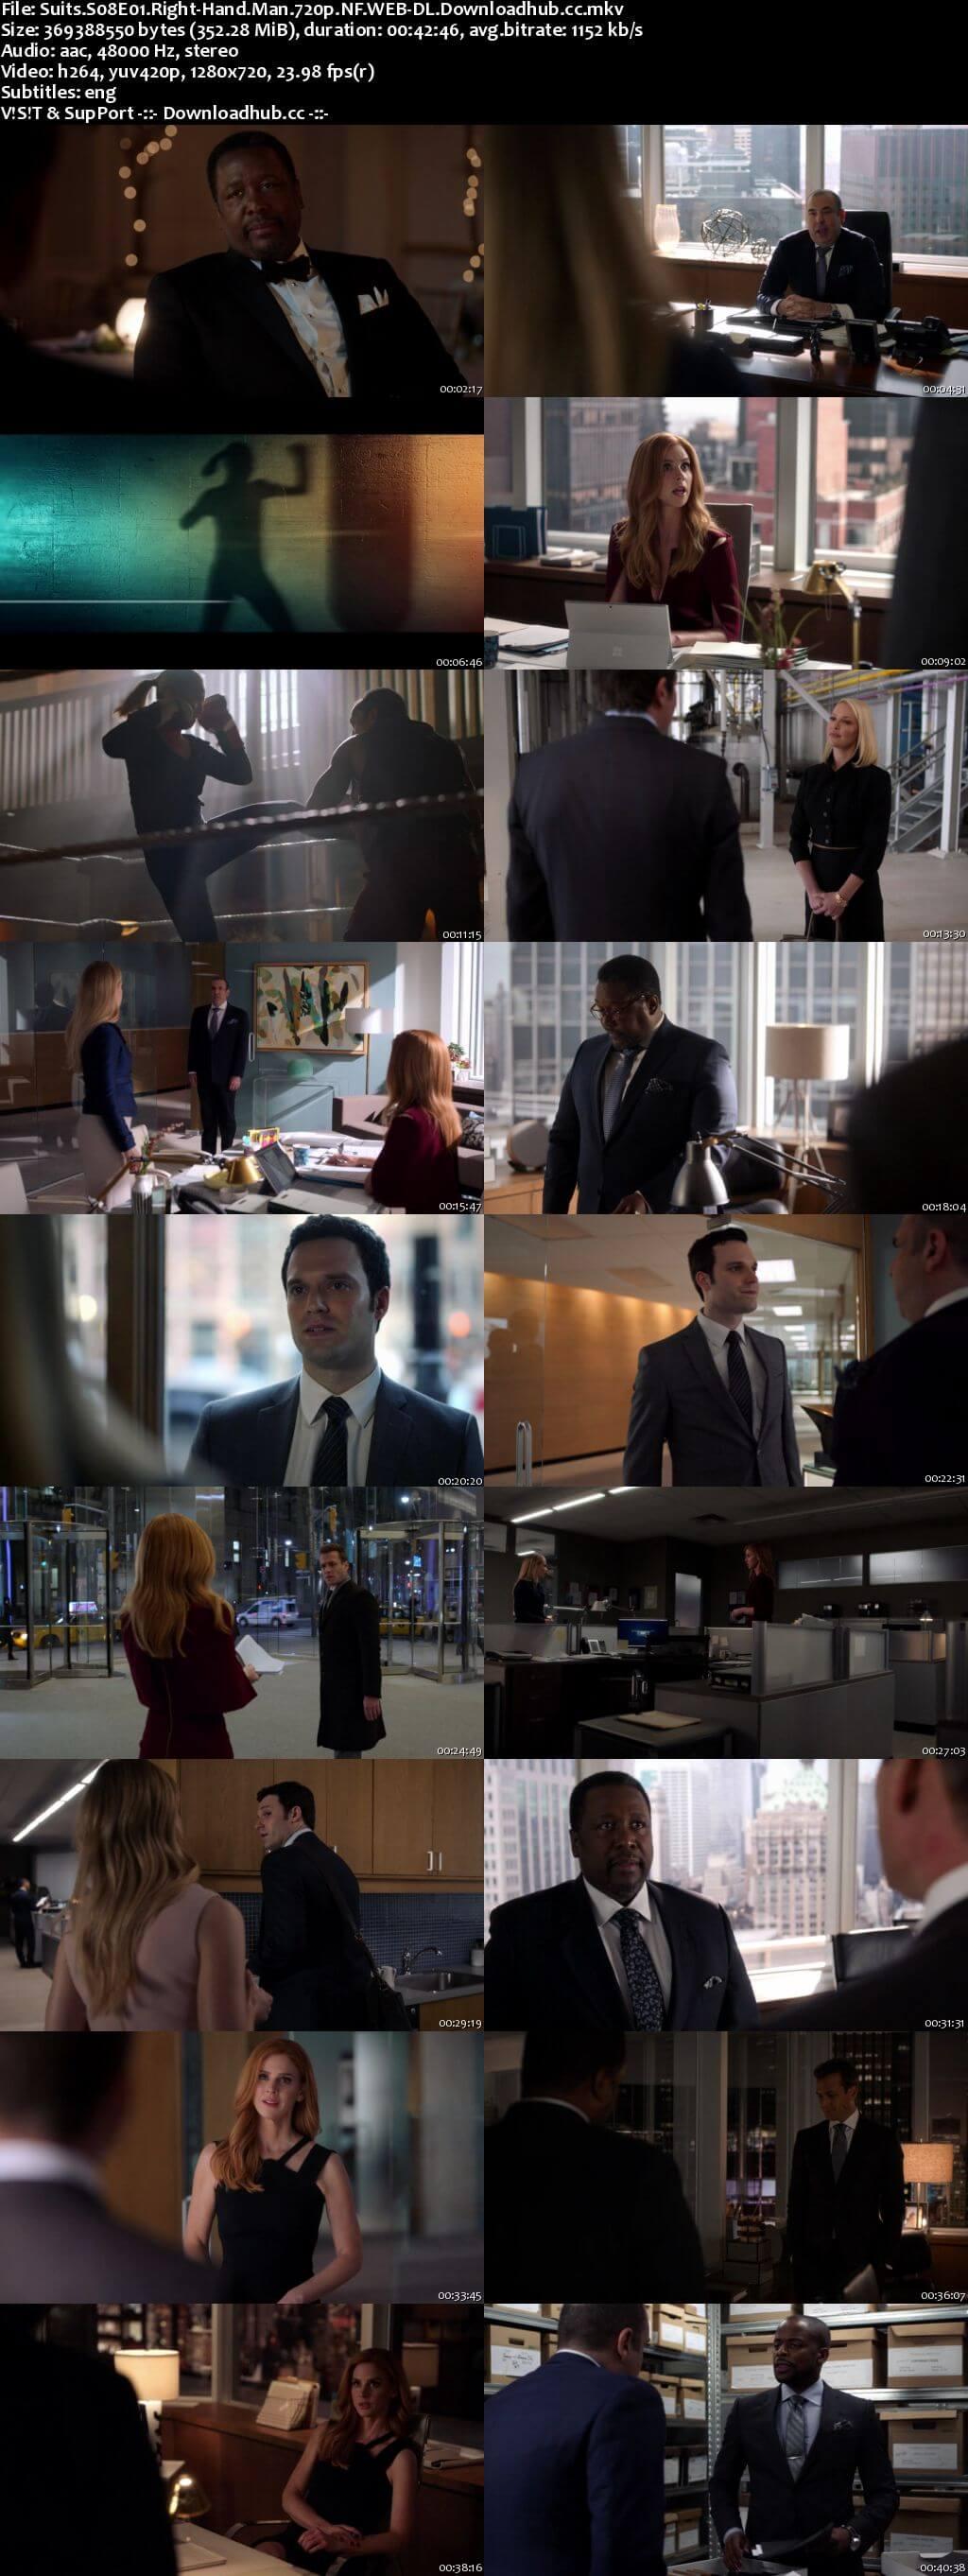 Suits S08E01 350MB Web-DL 720p x264 ESubs